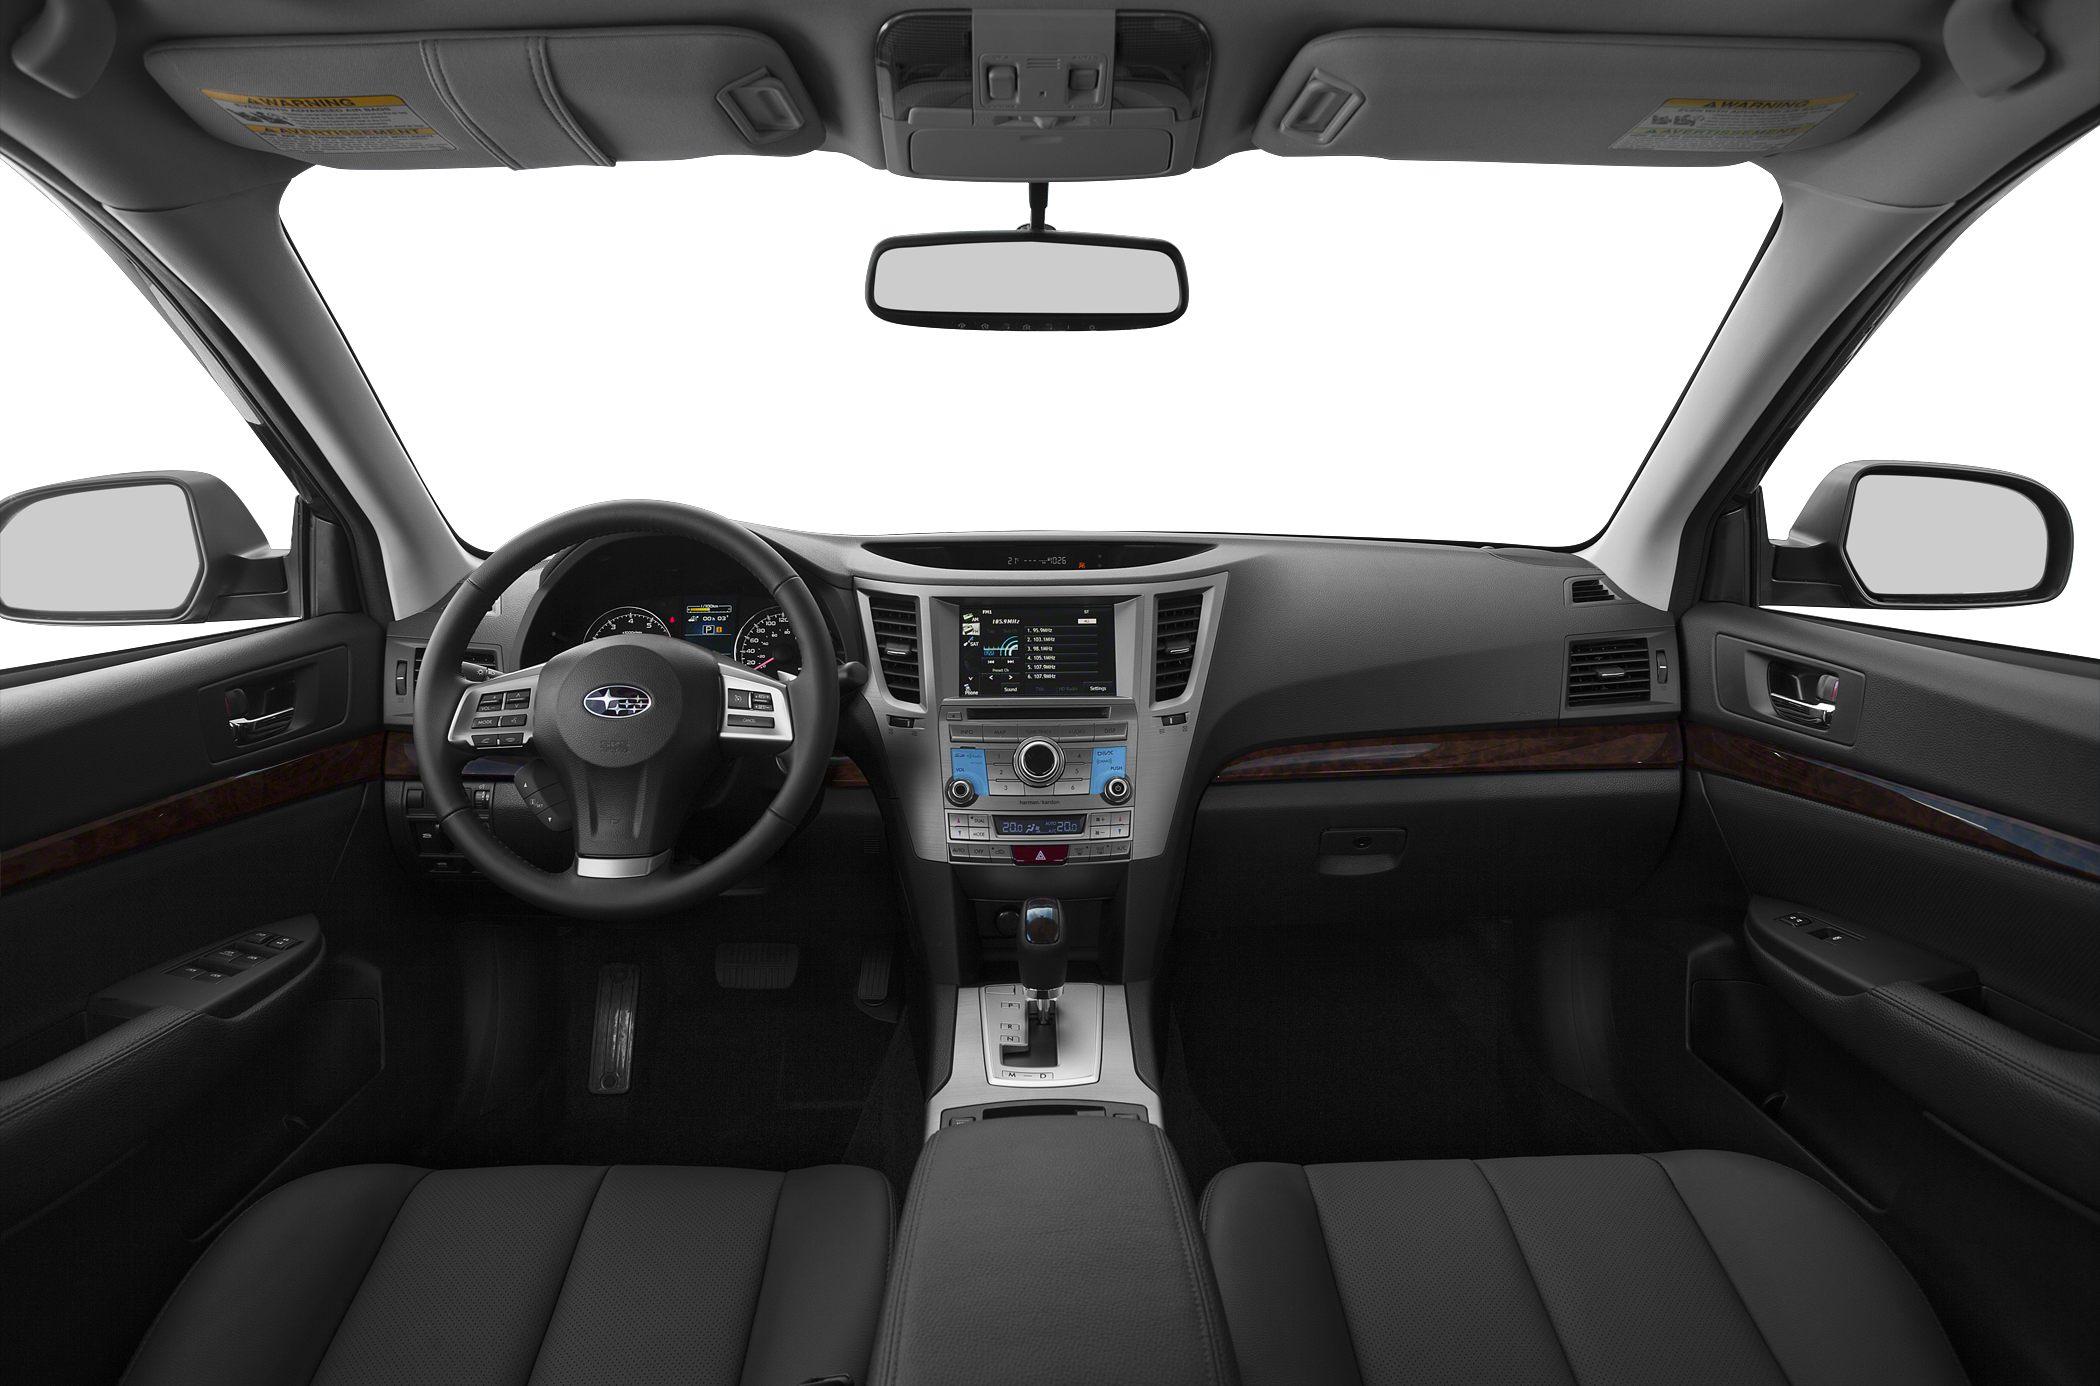 2014 Subaru Legacy Interior